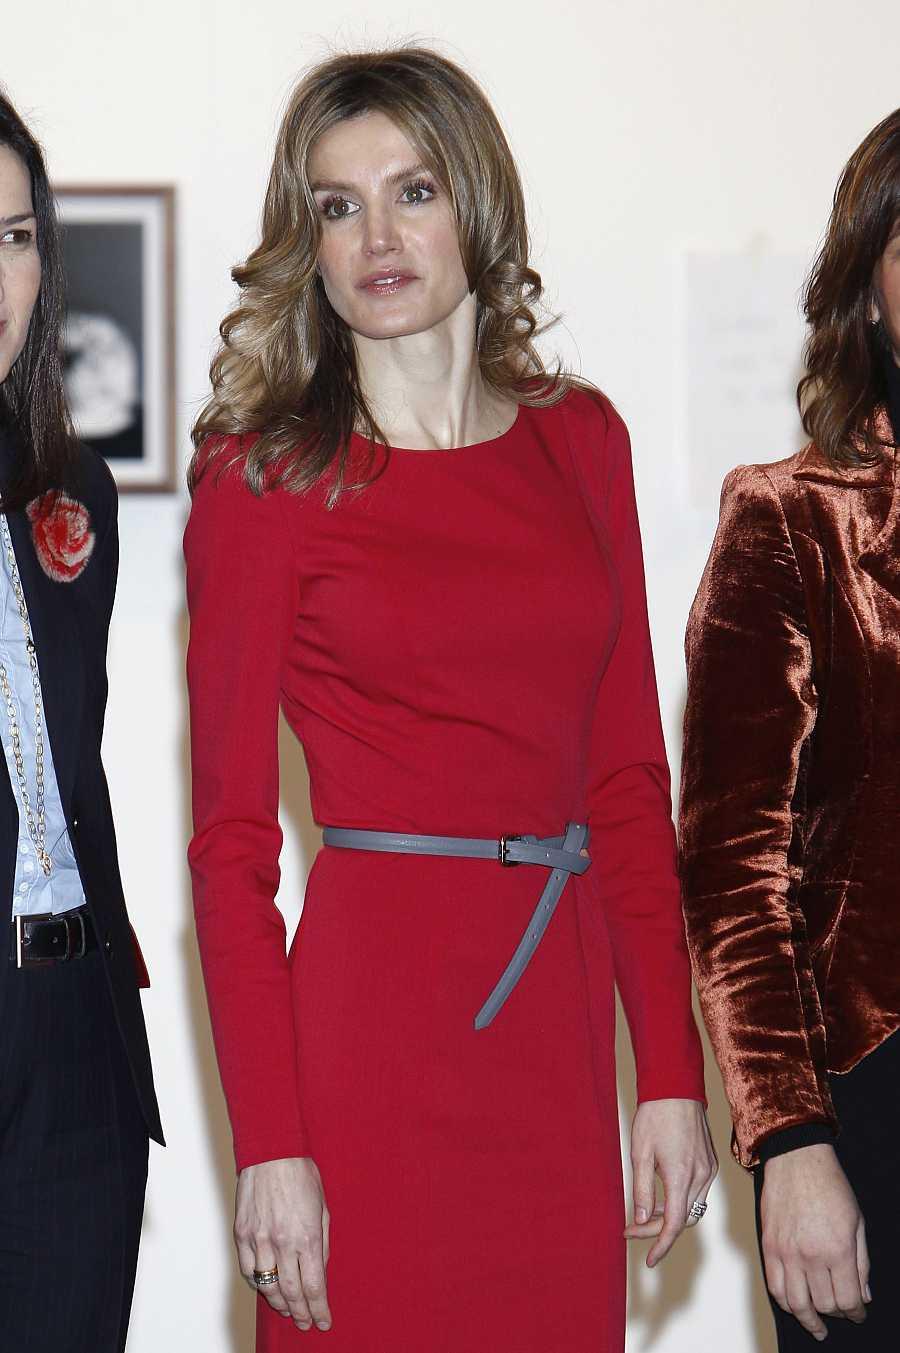 La reina Letizia en ARCO 2011 con un vestido rojo, uno de los más repetidos por la monarca